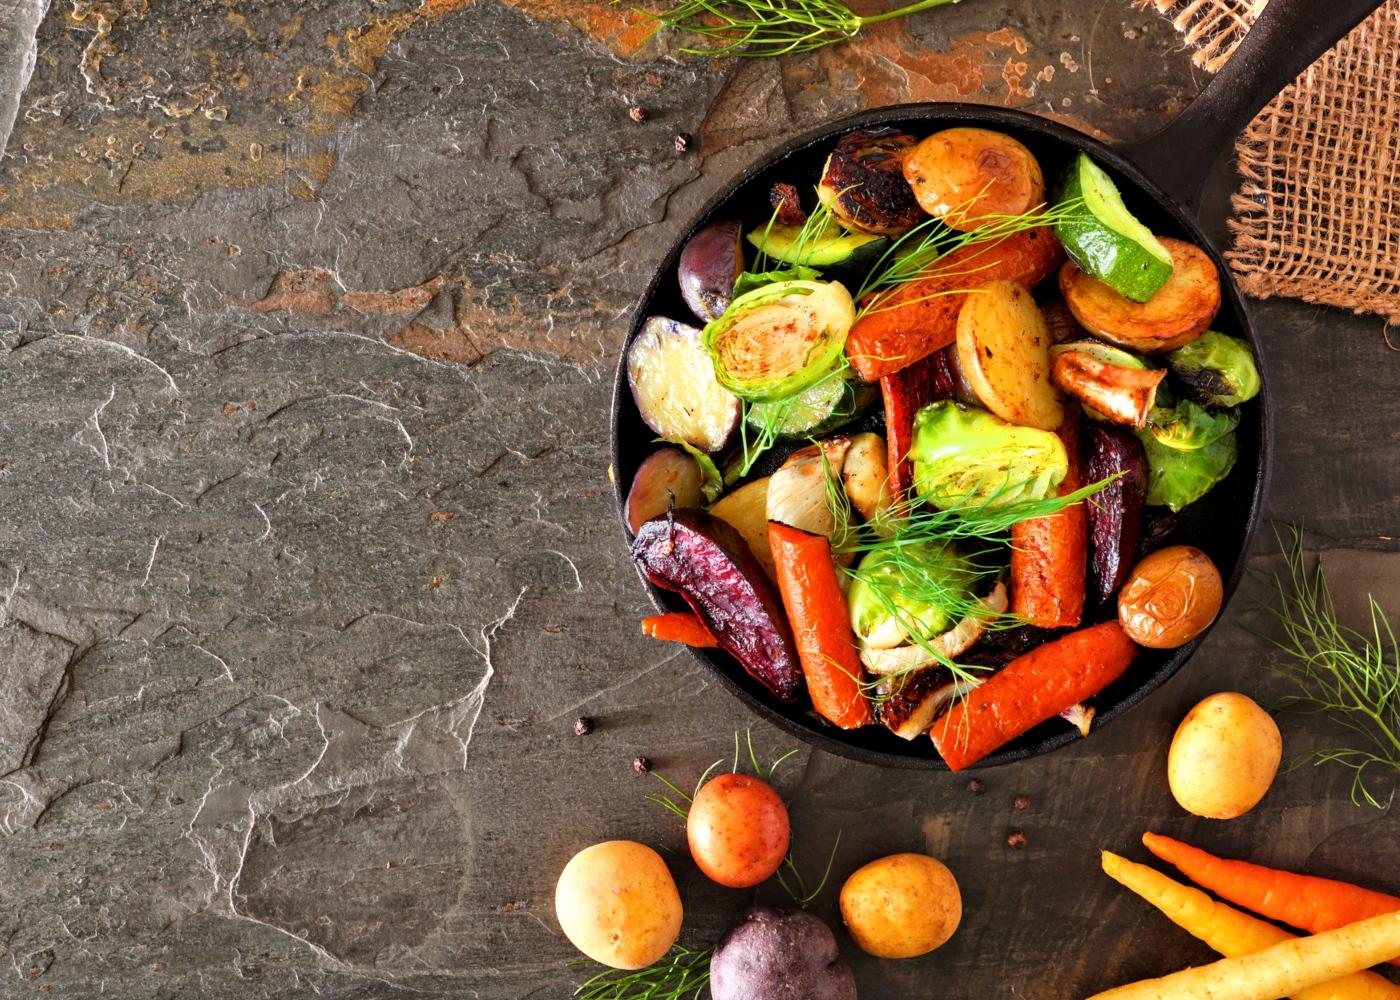 método e tempo de confeção ideais de legumes e leguminosas: assar